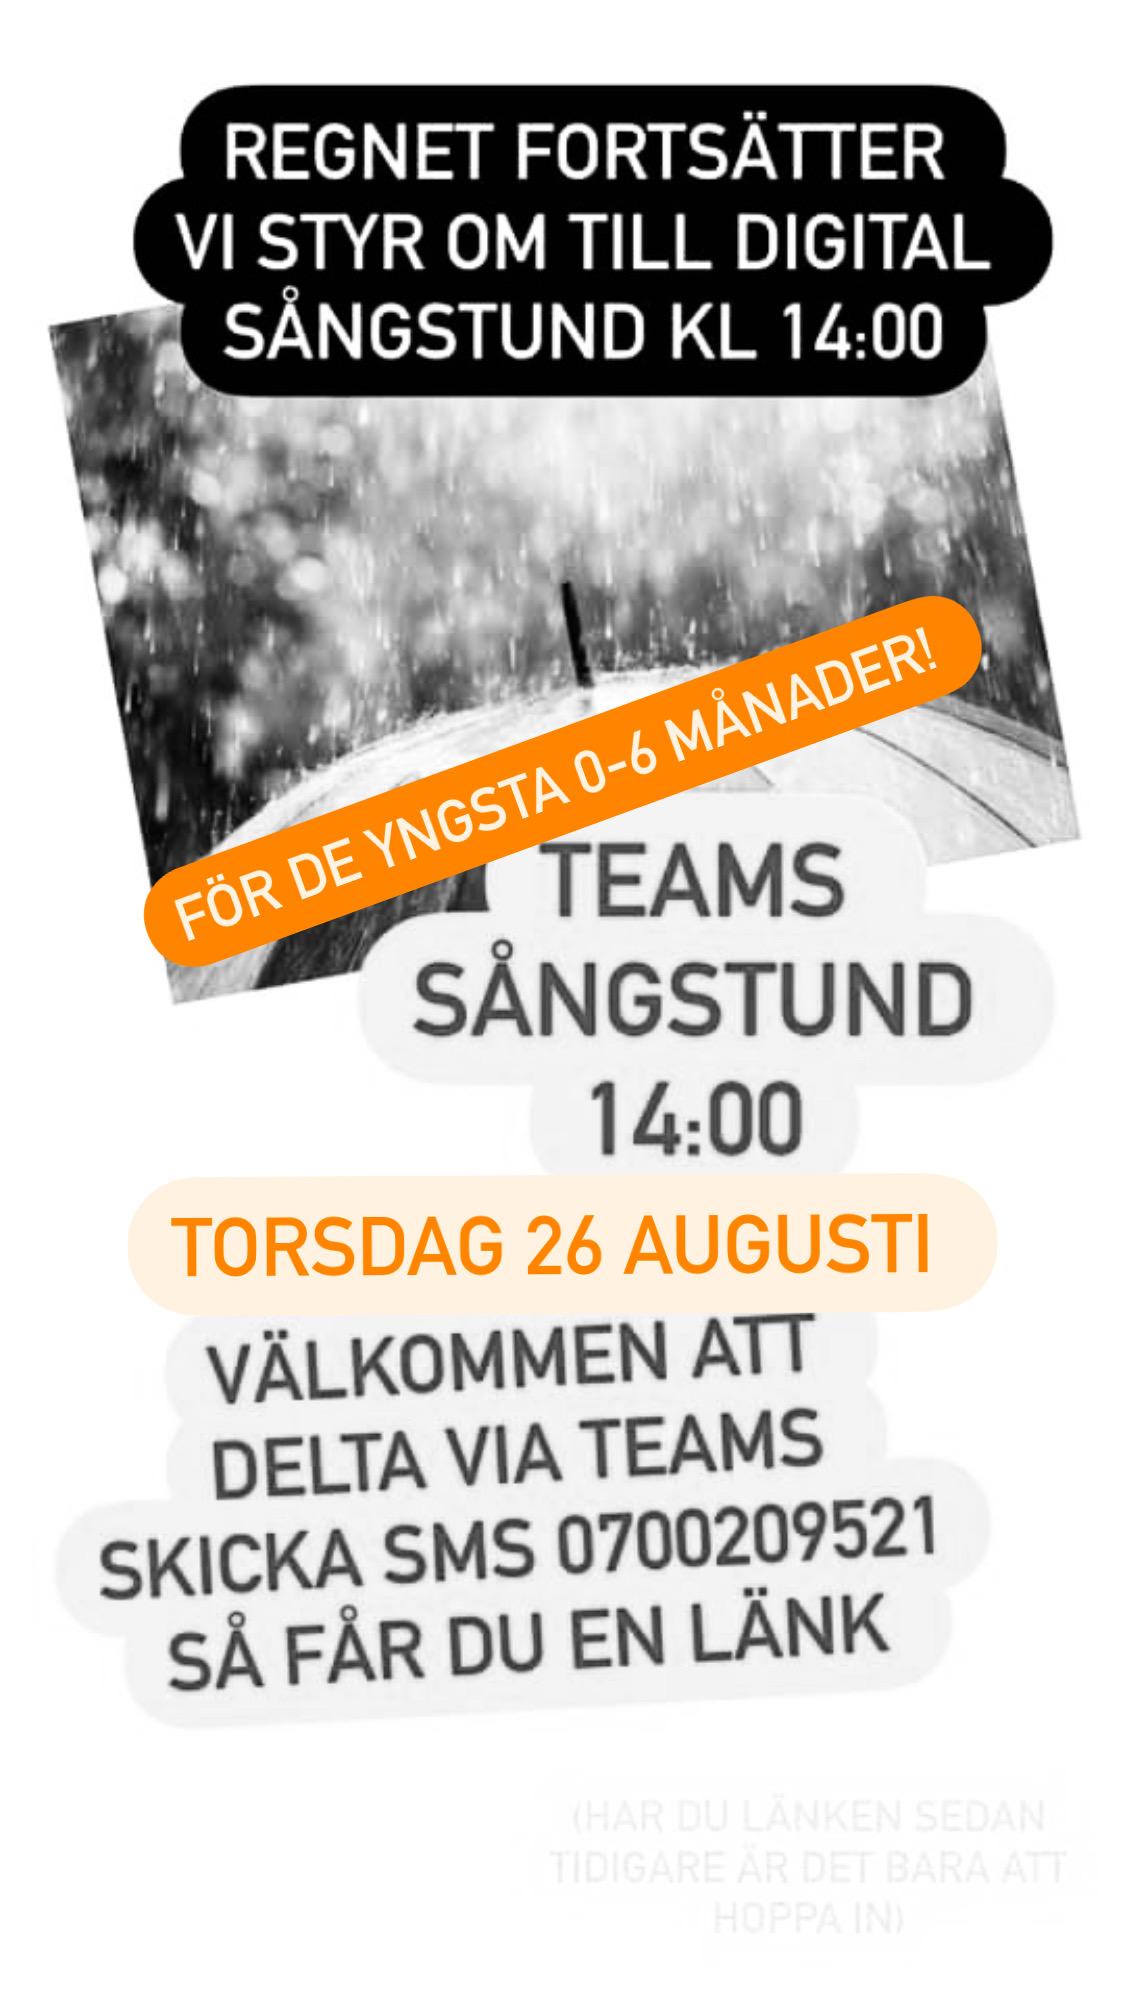 You are currently viewing Digital träff via teams 14:00 idag för de yngsta!